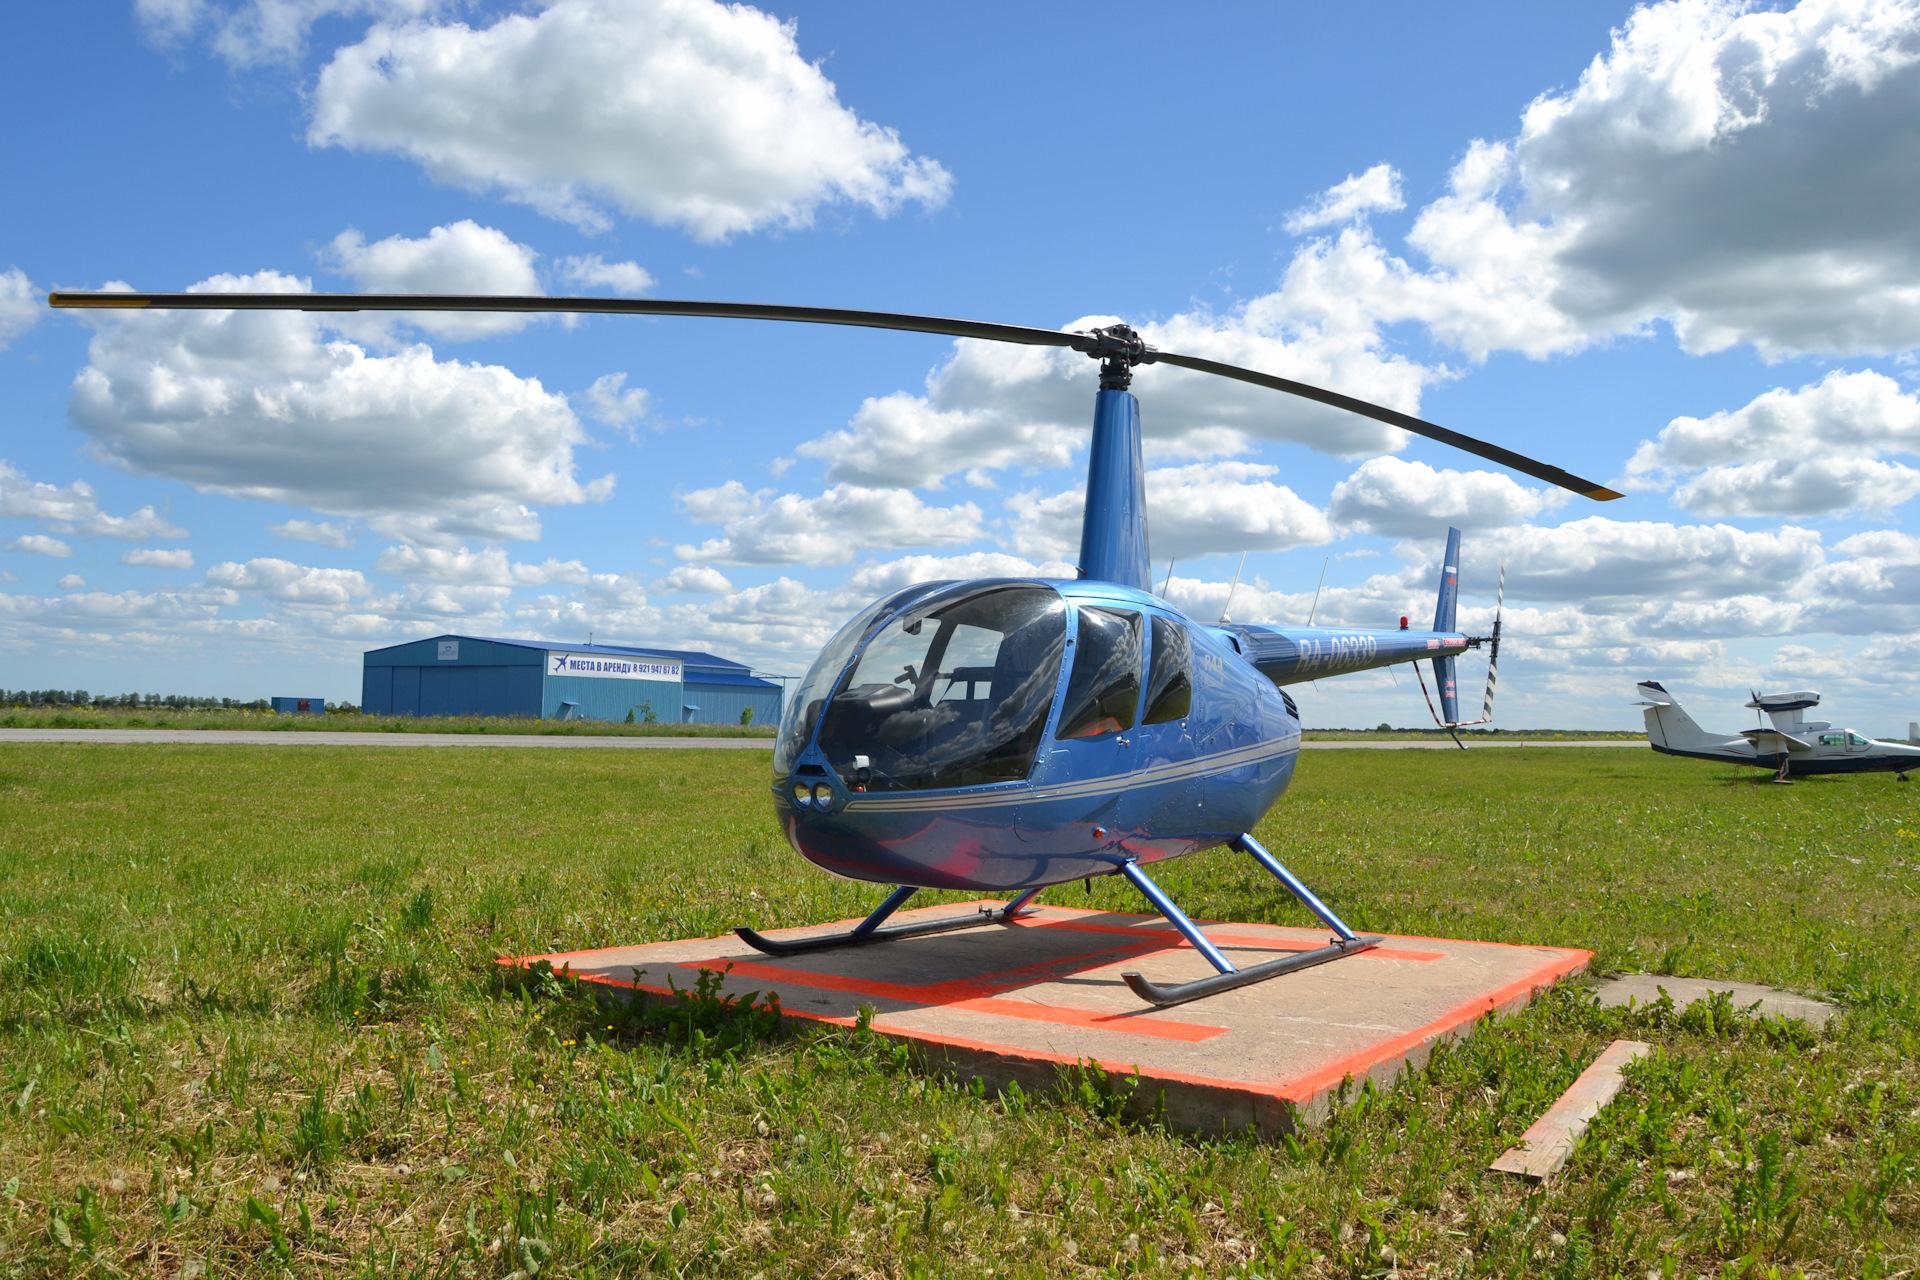 Робинсон вертолета часа стоимость полета работа в час вышки стоимость